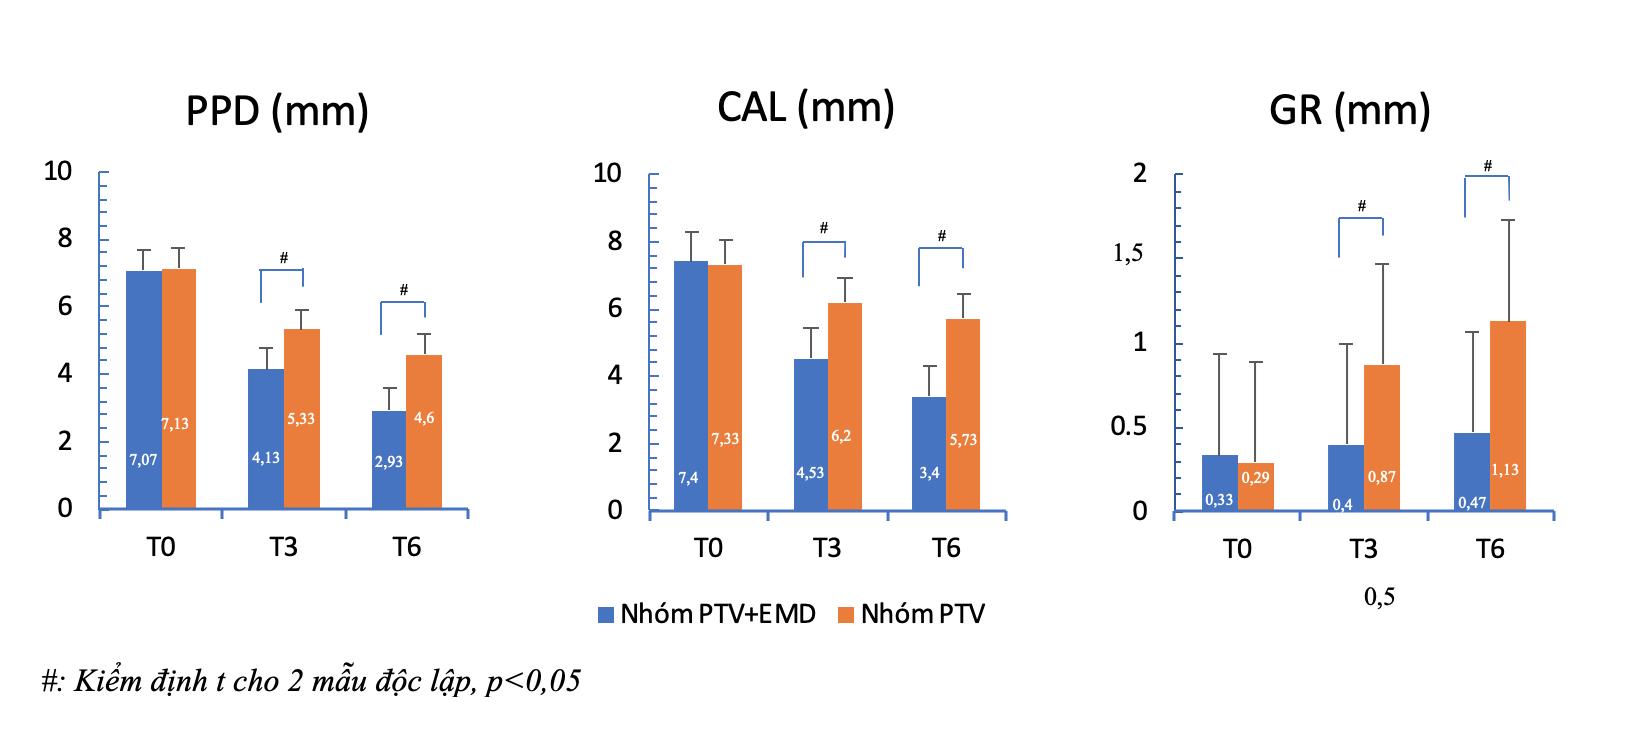 Figure 4  Biểu đồ các chỉ số PPD, CAL, GR trung bình ở hai nhóm